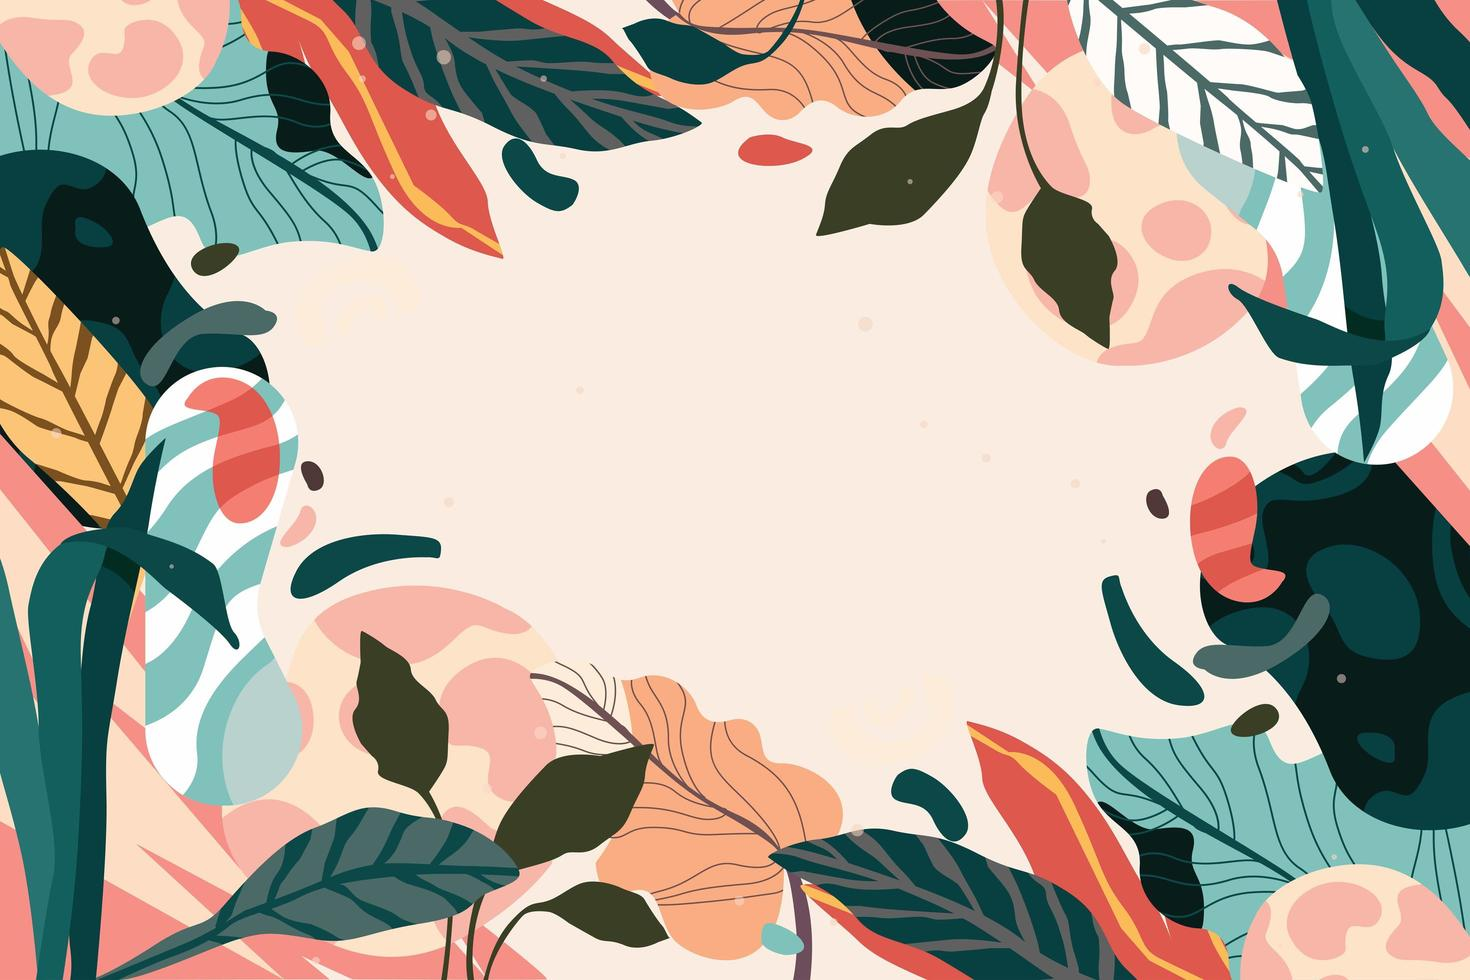 fond coloré de feuillage et de feuilles vecteur